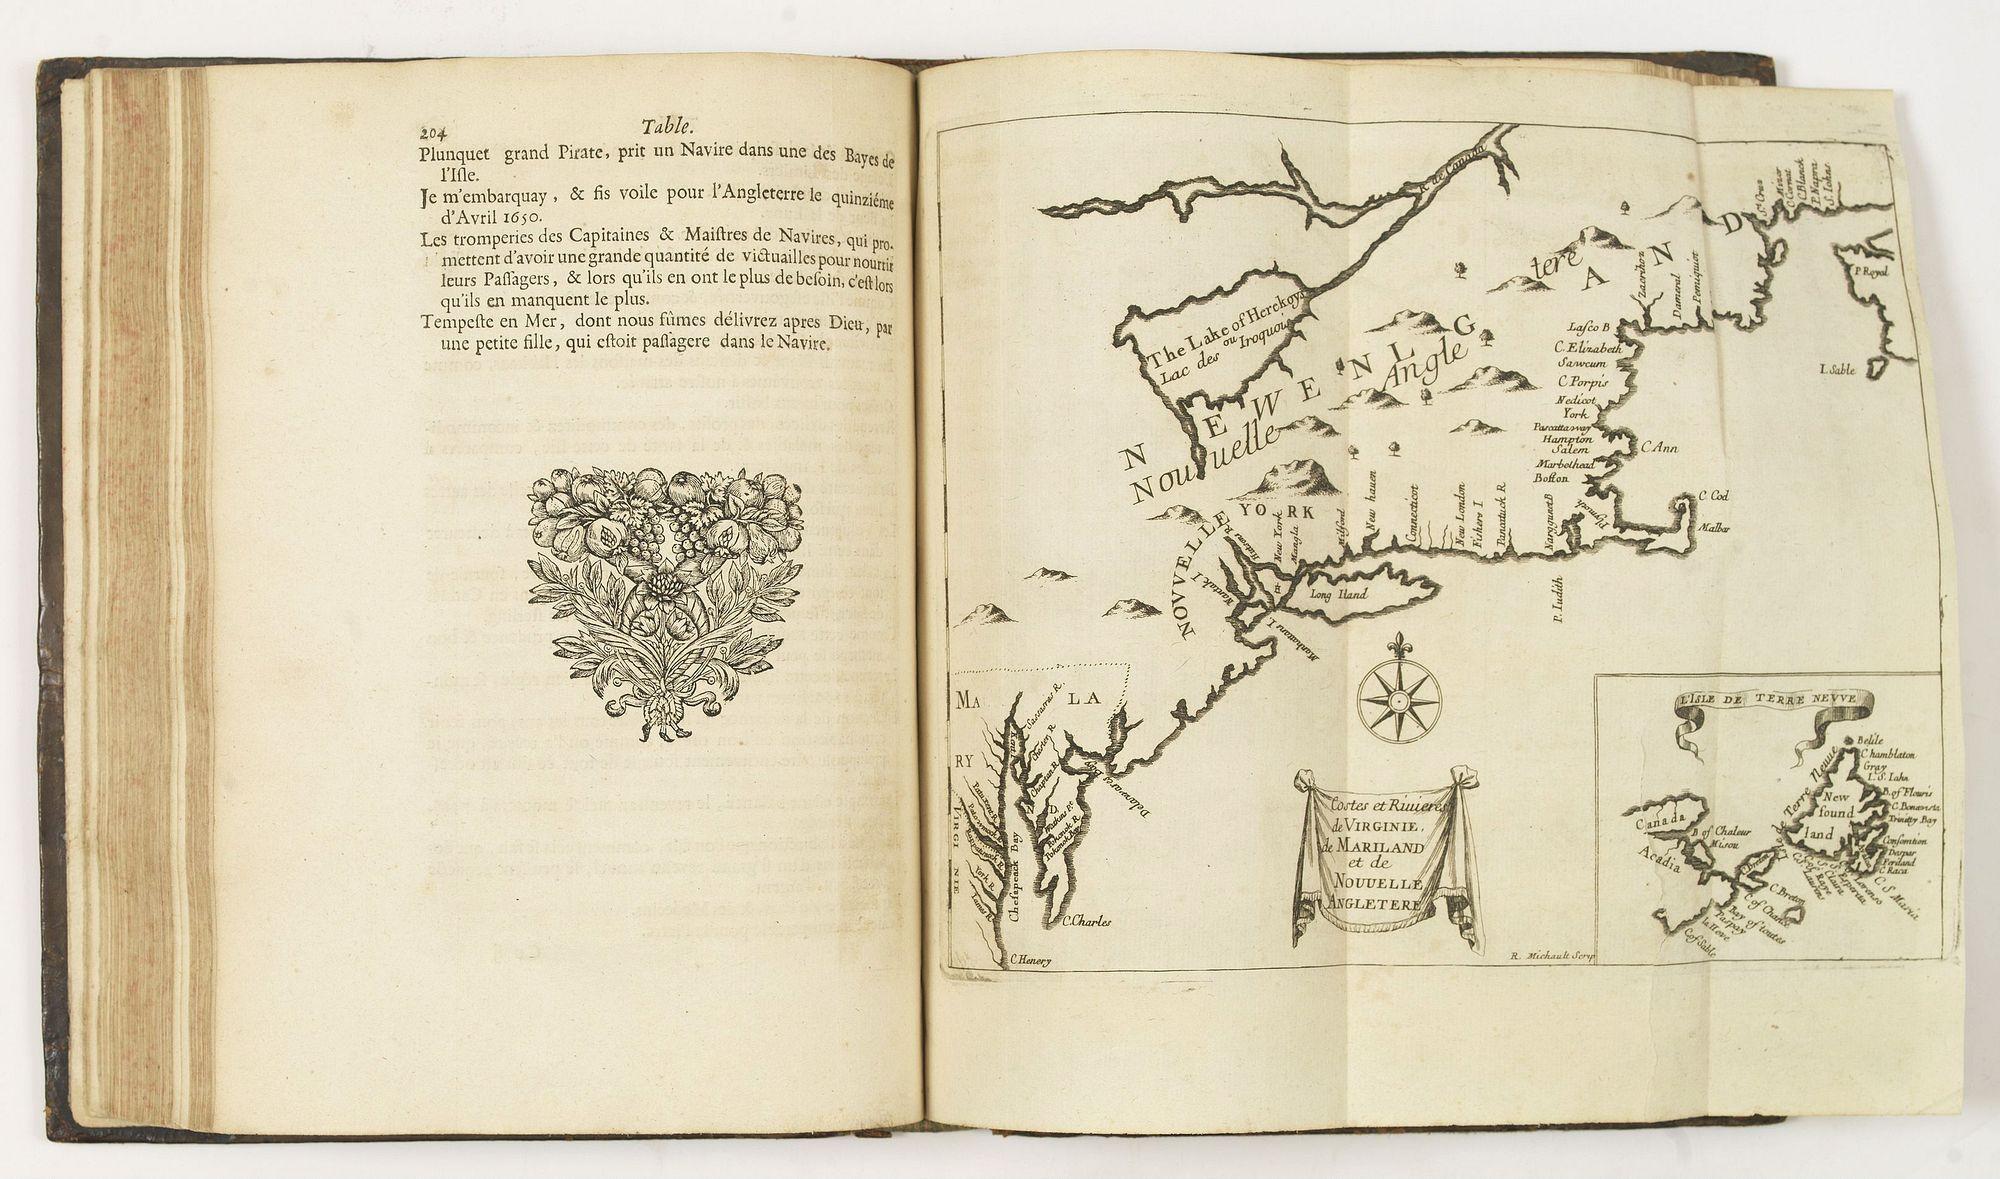 JUSTEL, H. -  Recueil de divers voyages faits en Afrique et en l'Amerique, qui n'ont point esté encore publiez.